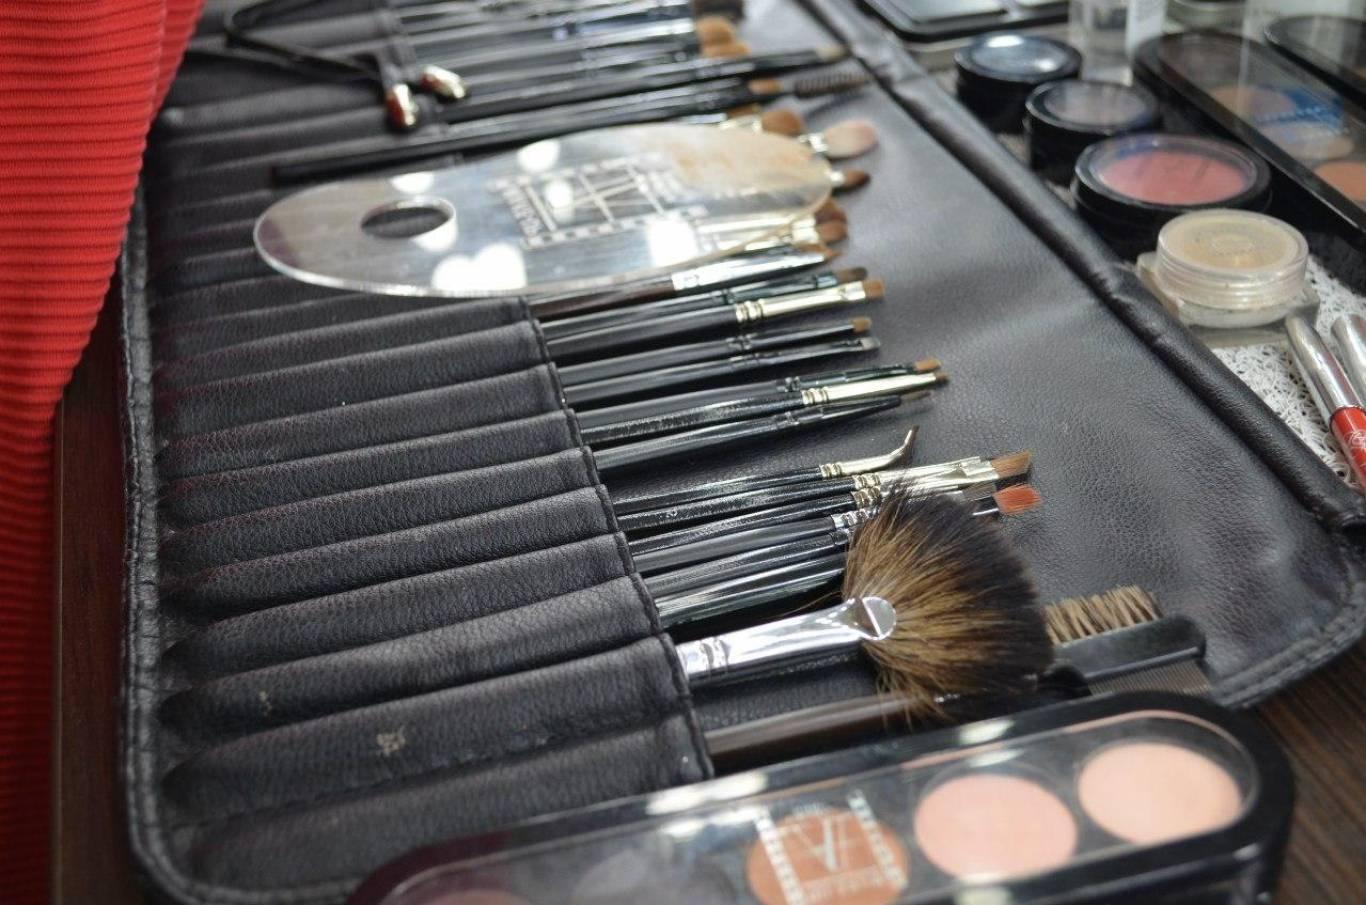 Профессиональные приборы для визажистов, Инструменты для макияжа: список самых необходимых 19 фотография